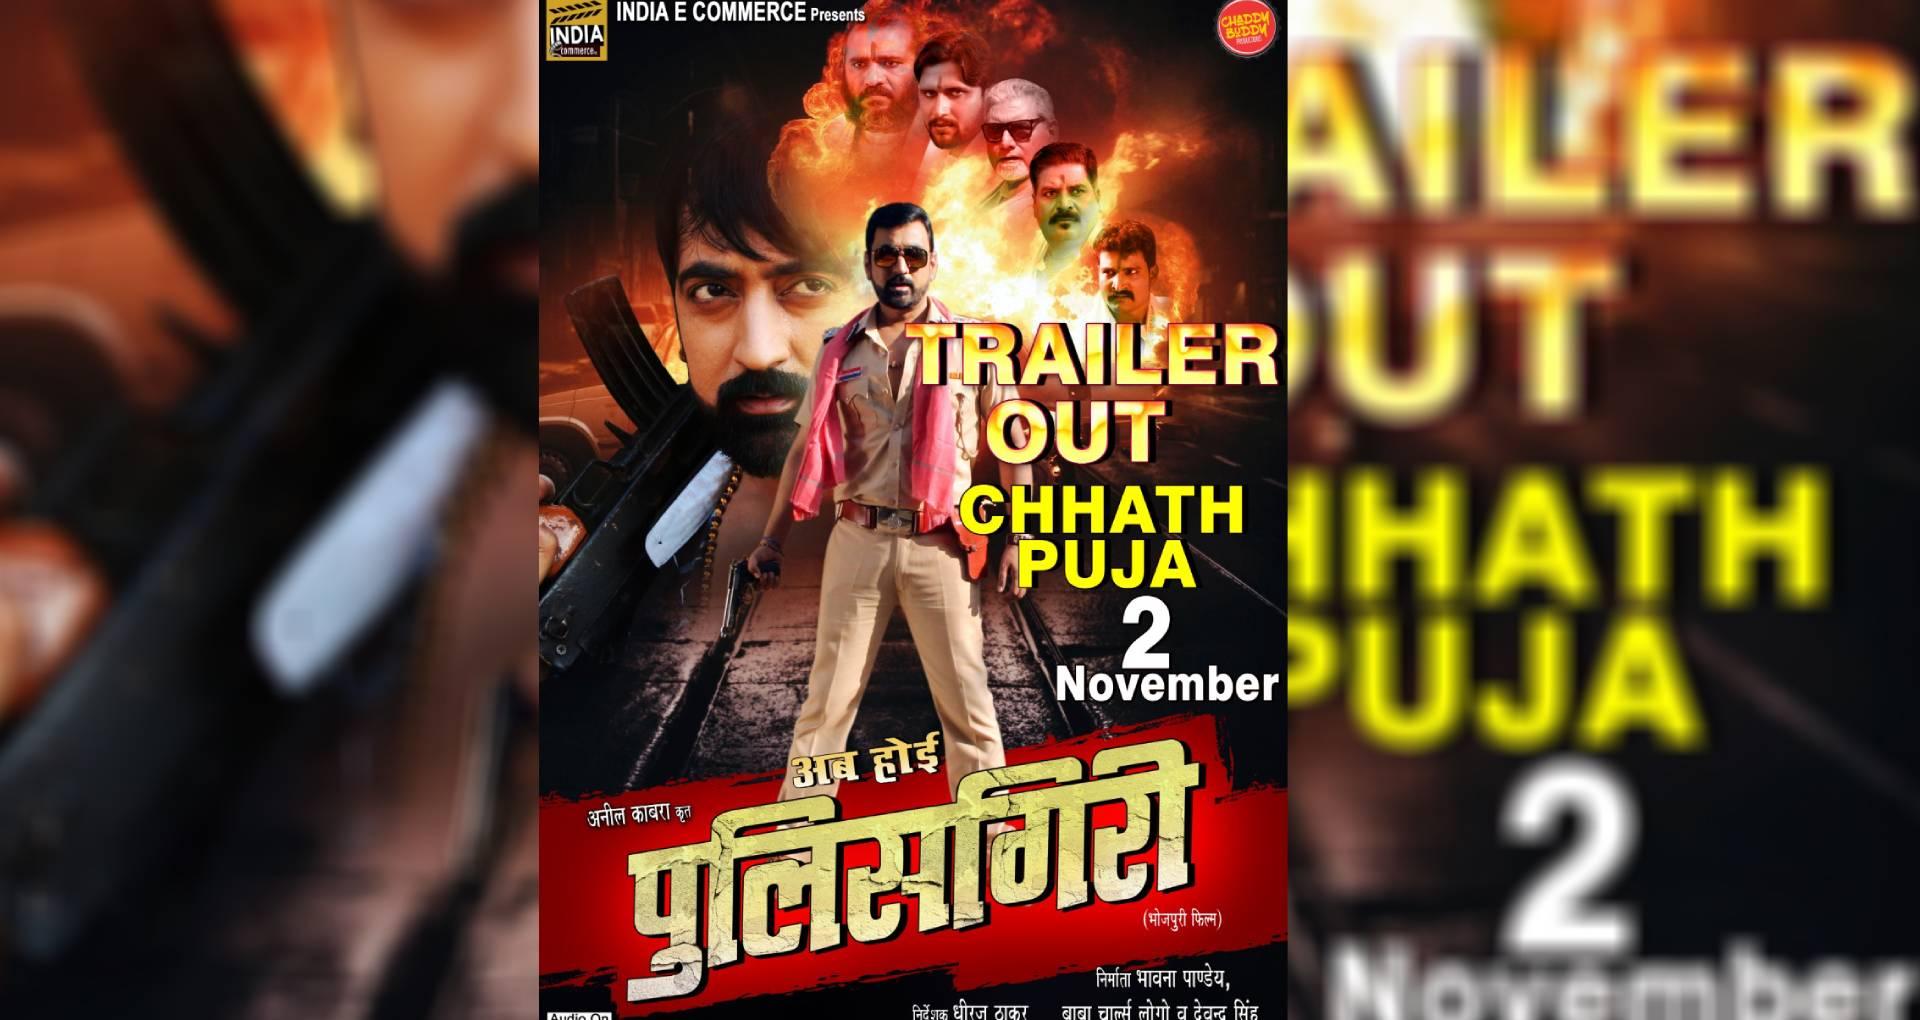 भोजपुरी फिल्म पुलिसगिरी का पहला पोस्टर लॉन्च, दबंग पुलिस अफसर के किरदार में दिखे राजू सिंह